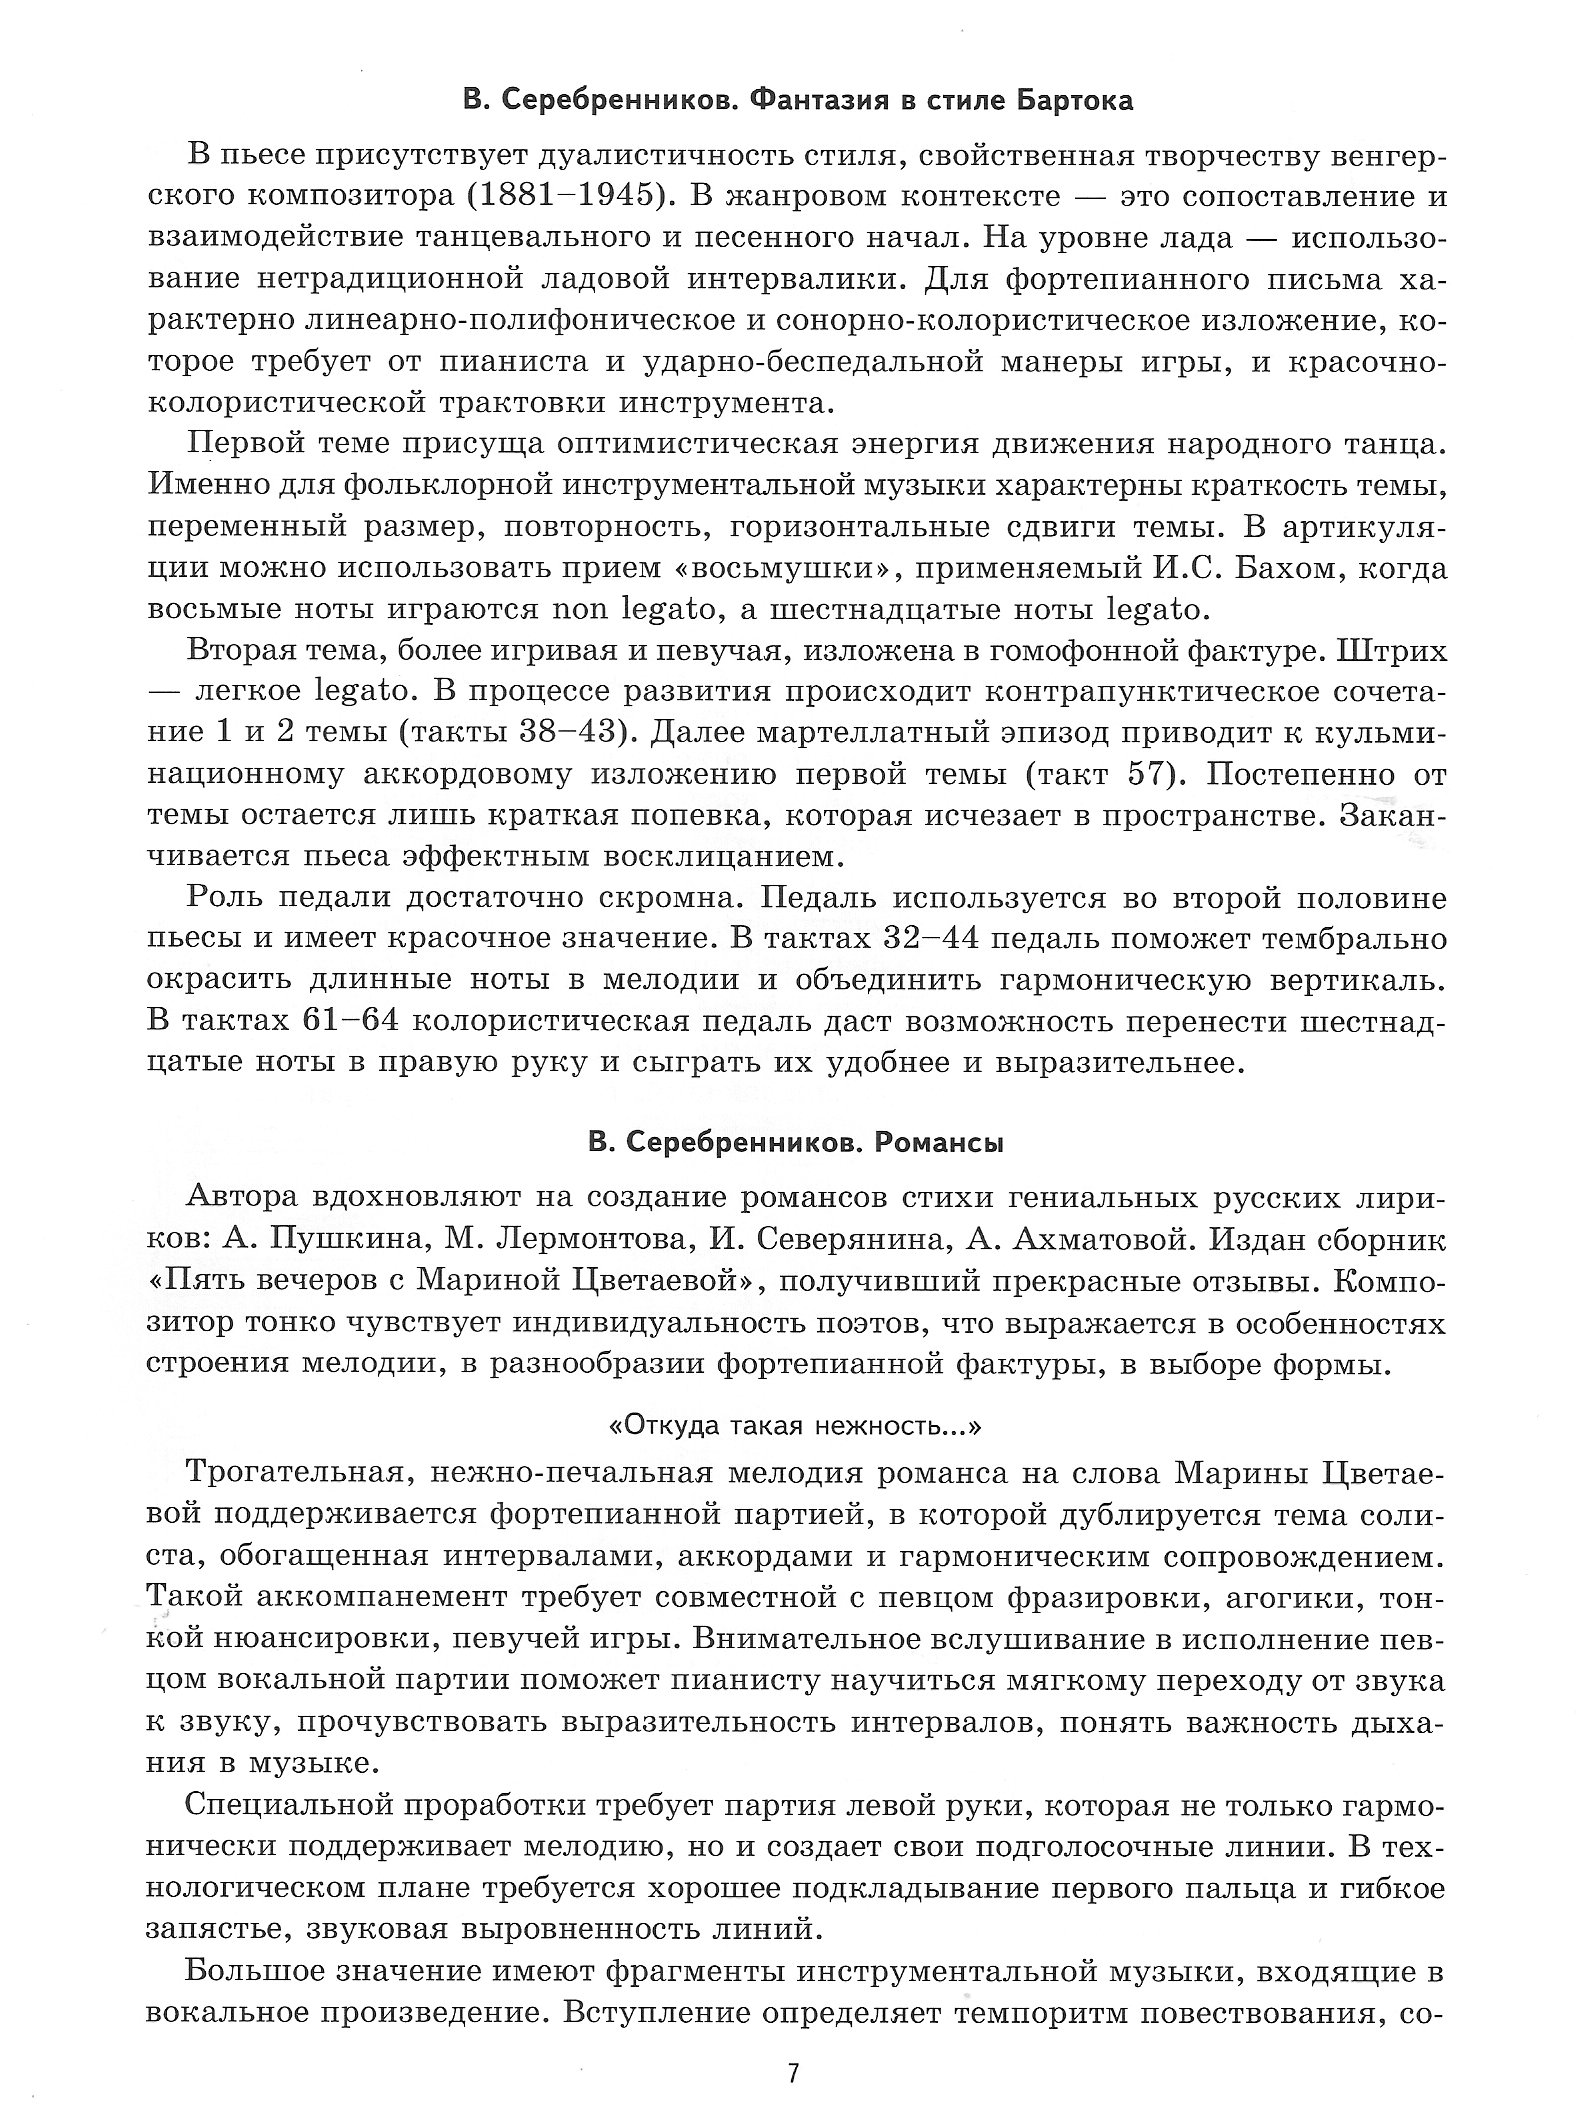 Валерий Серебренников. Фортепианный сборник